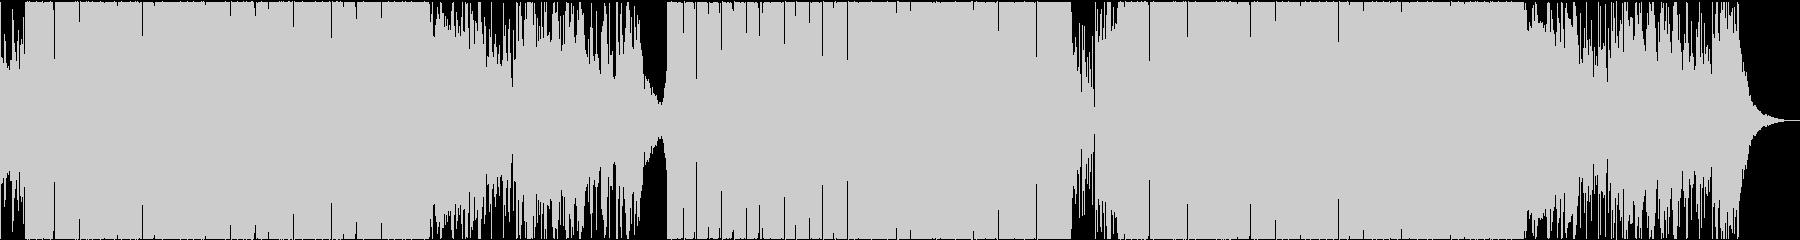 和風 テクノ 日本 ダンス 太鼓 の未再生の波形